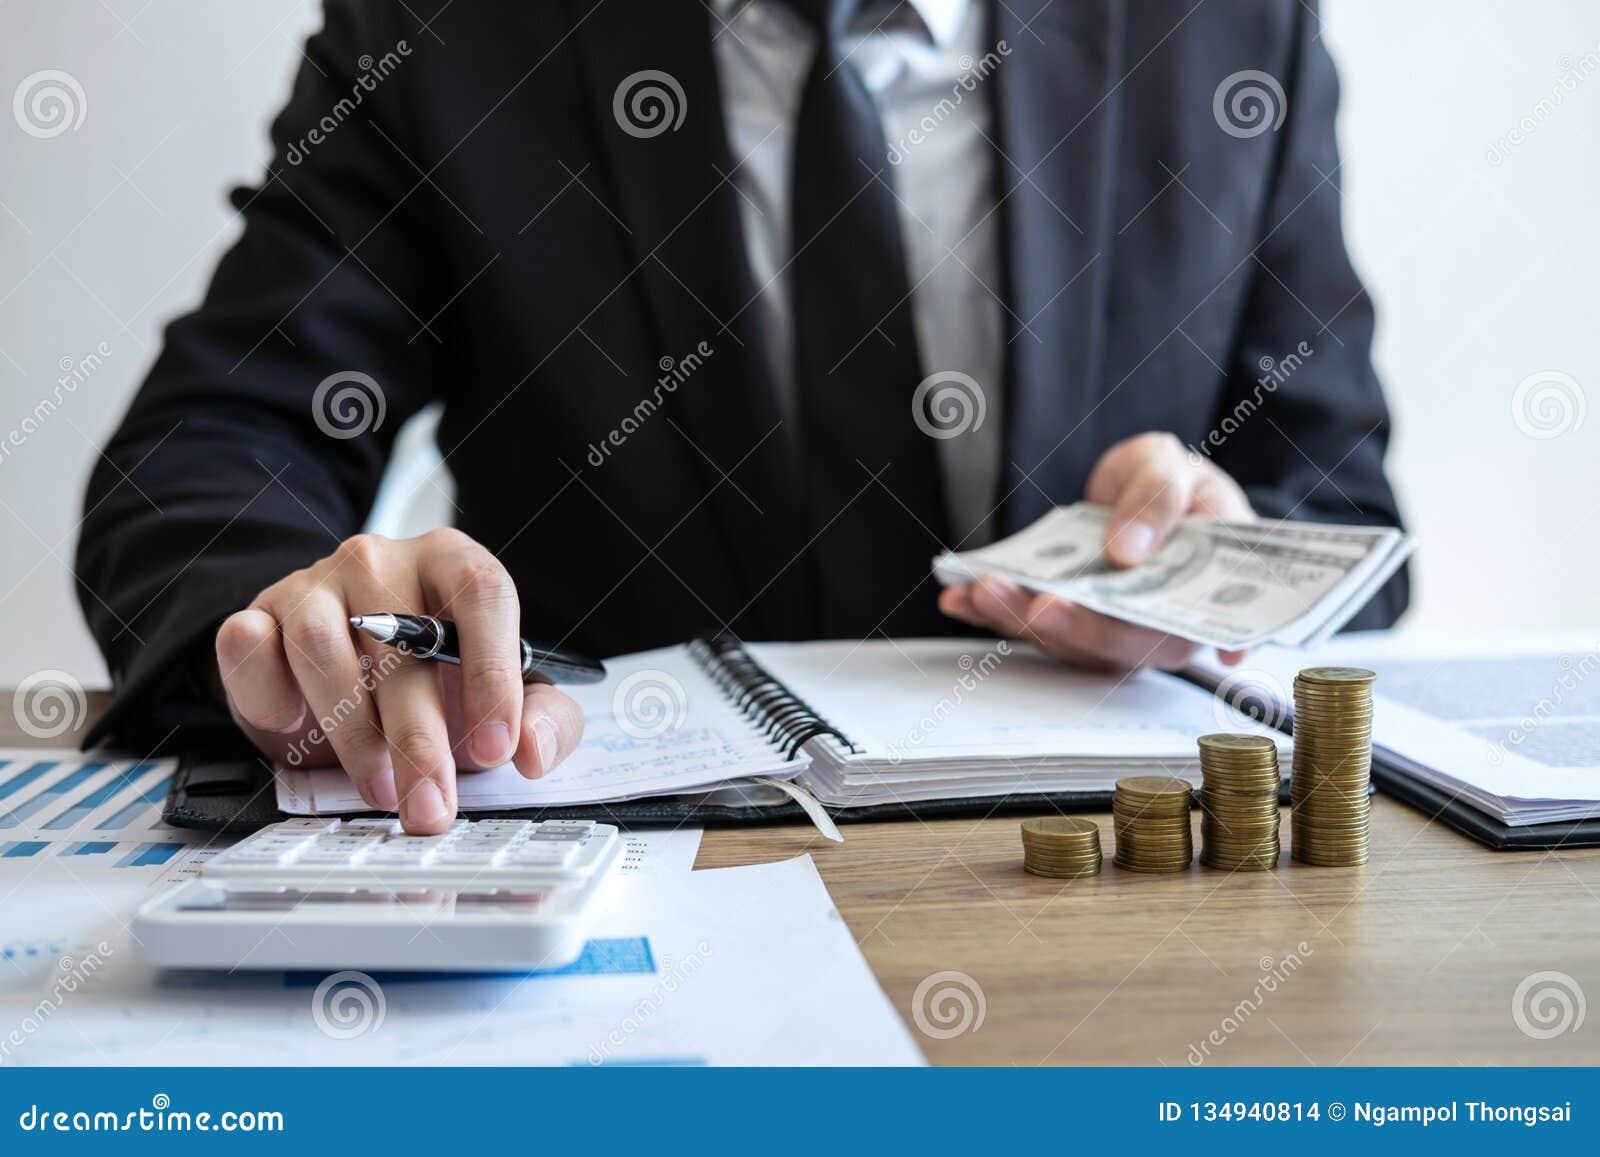 займ от ип юридическому лицу налогообложение